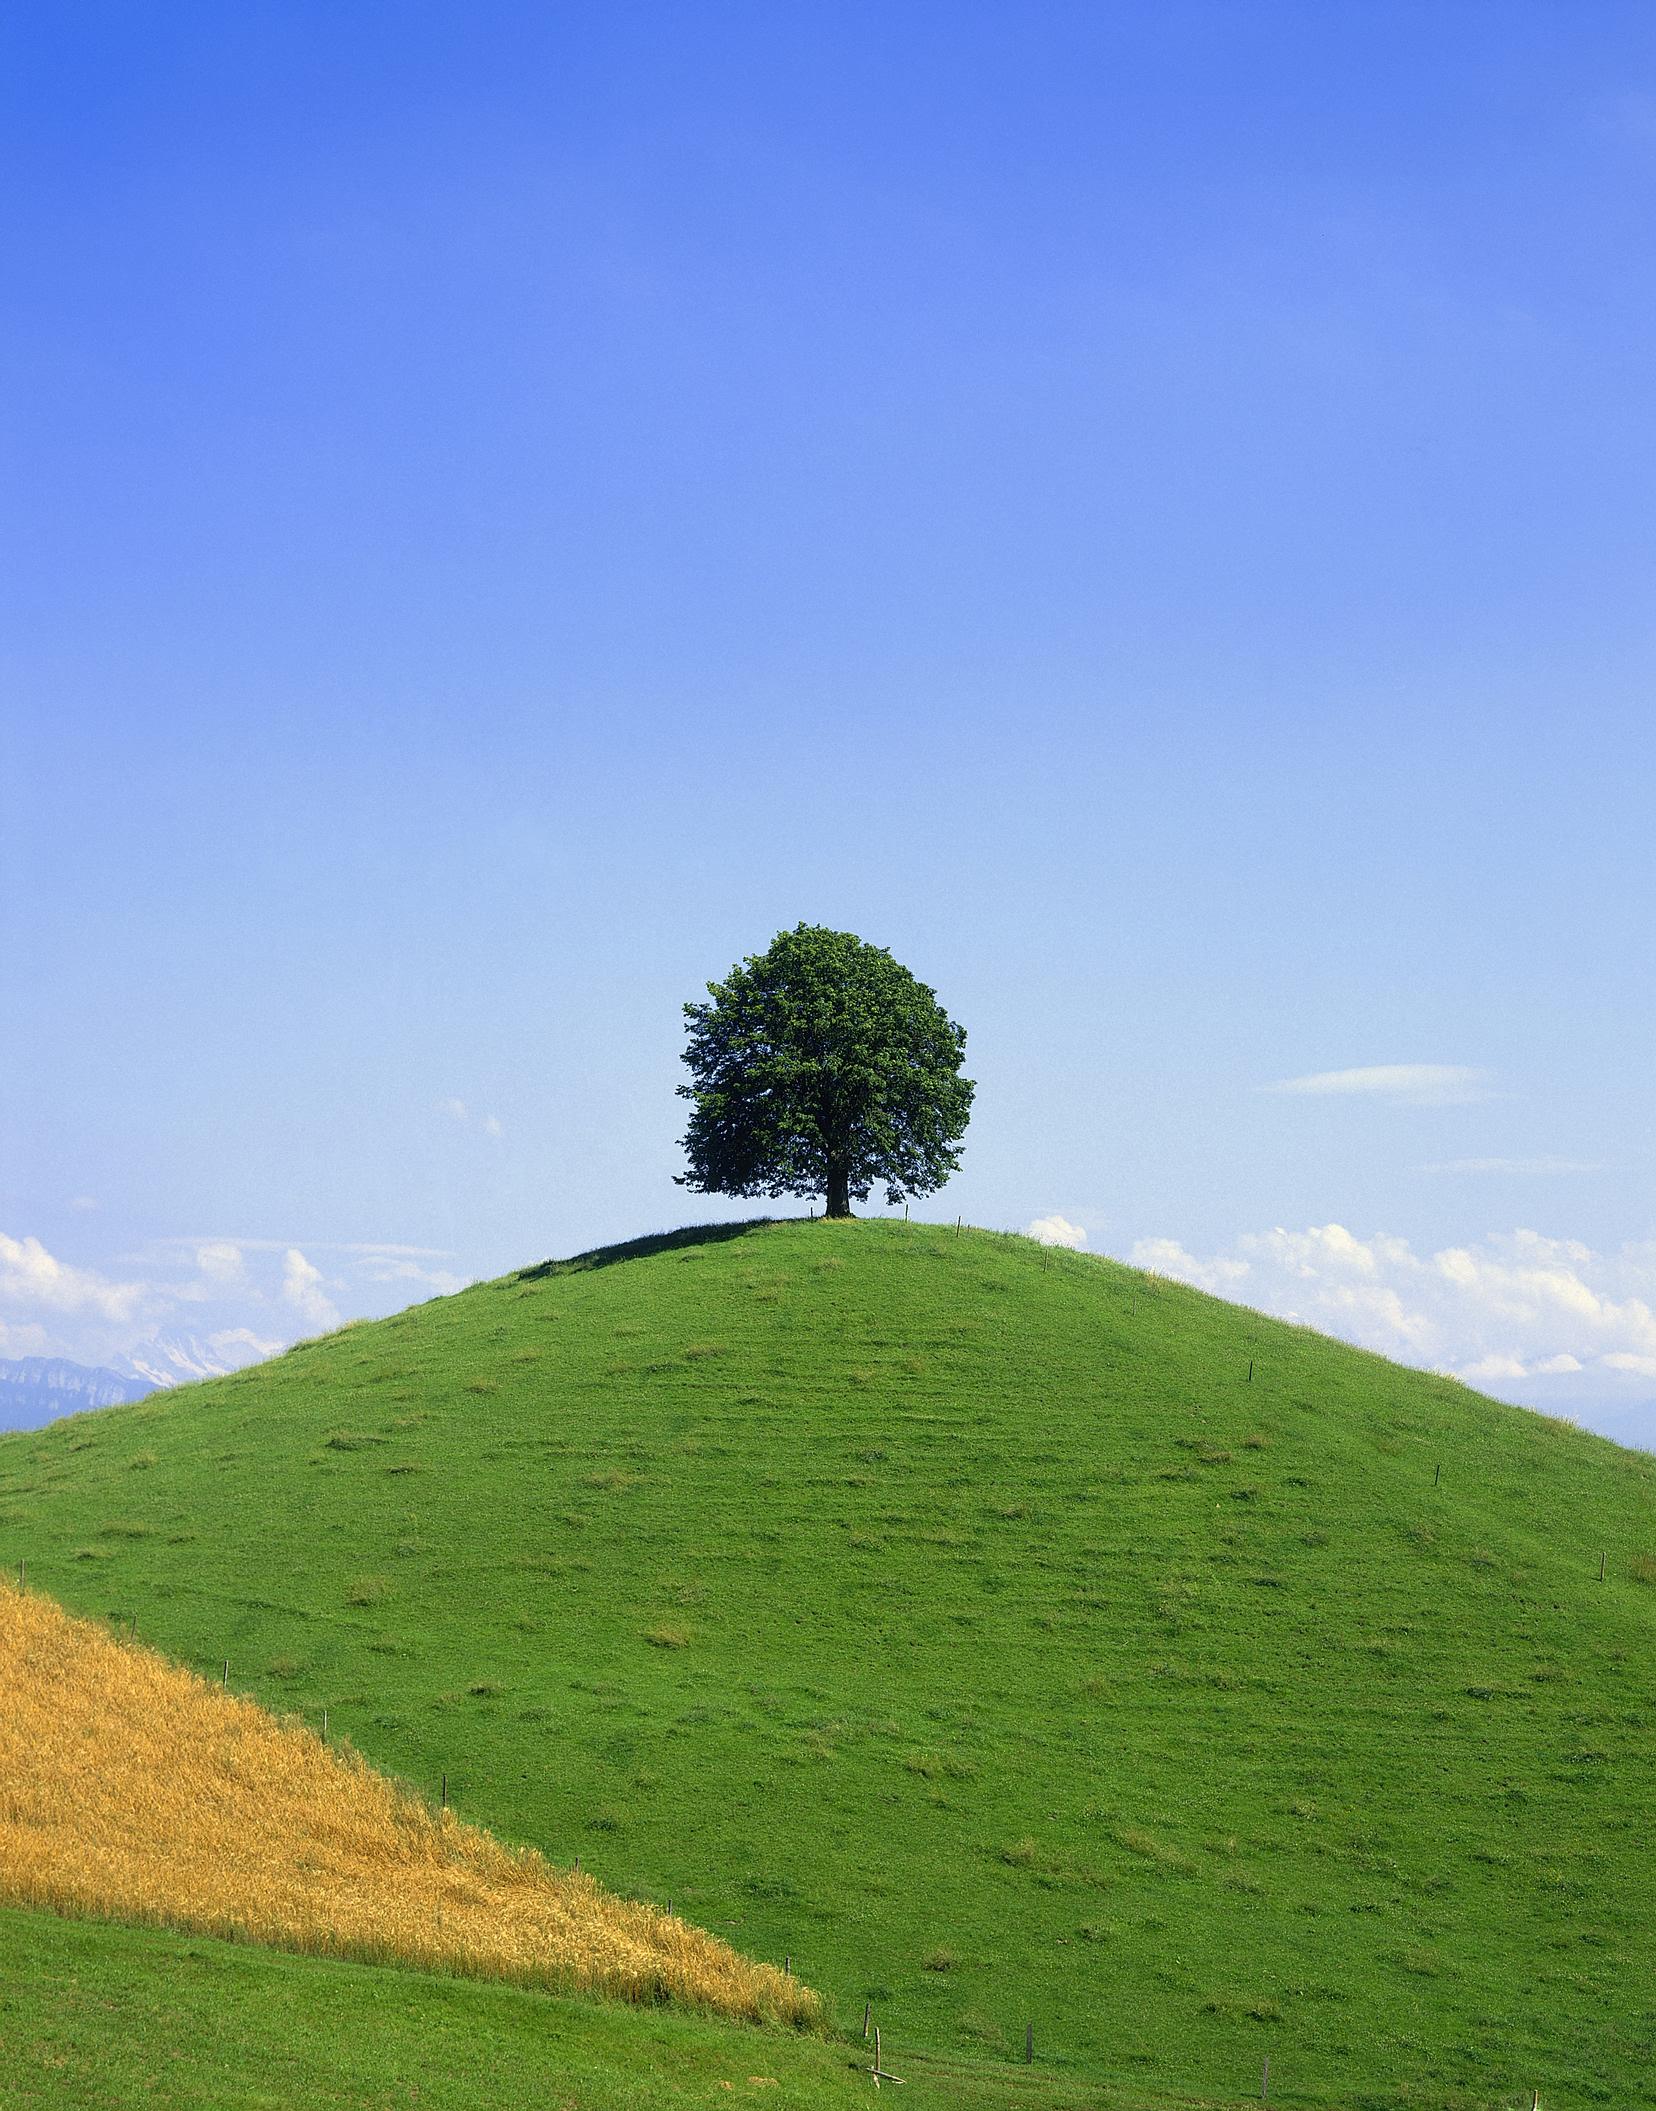 tree sky